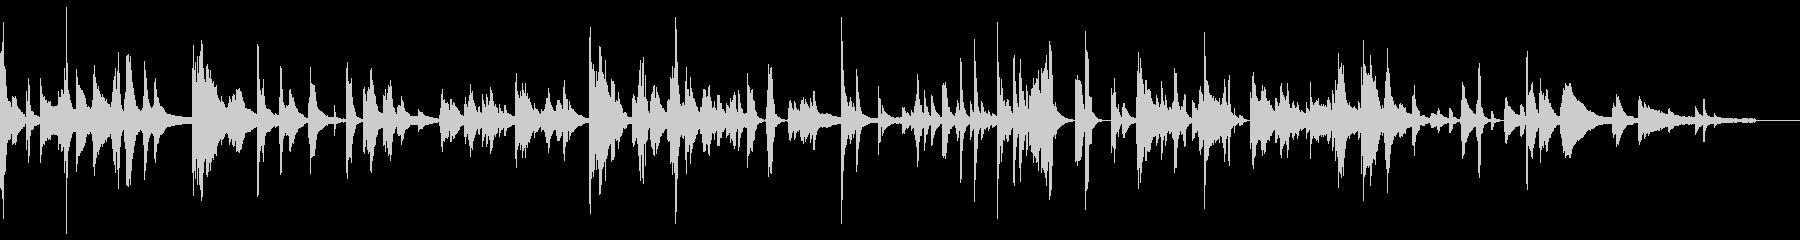 思考がはじけ飛んだカオス空間-ピアノソロの未再生の波形